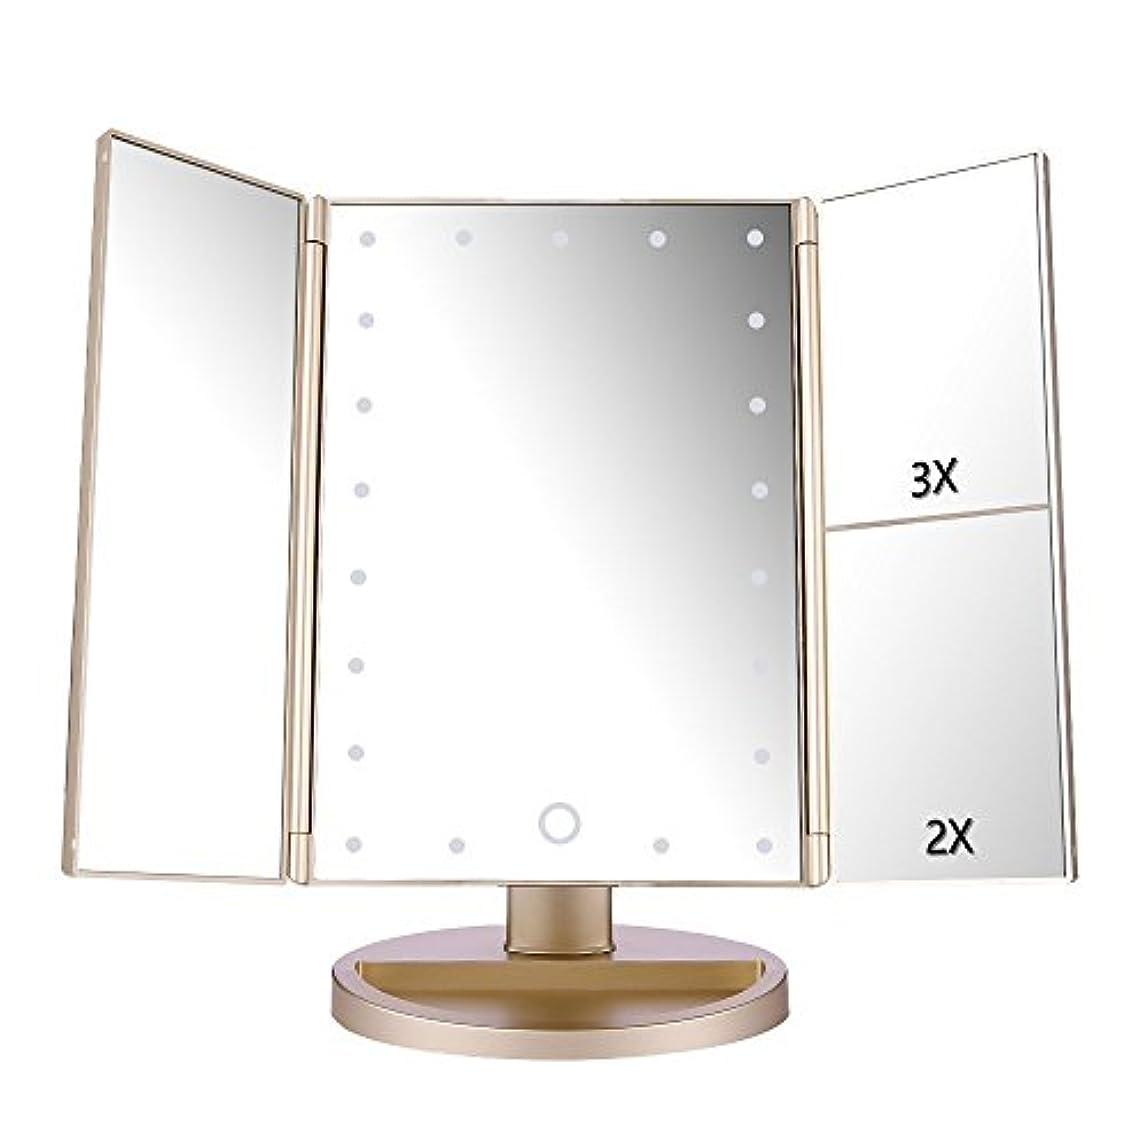 エスカレート立方体コミュニティ卓上三面鏡 LED化粧鏡 電池交換可能 2倍&3倍拡大鏡付き 角度自由調整 明るさ調整可能 折り畳み式 LEDライト21個 全3色 スタンド ミラー (ゴールド)